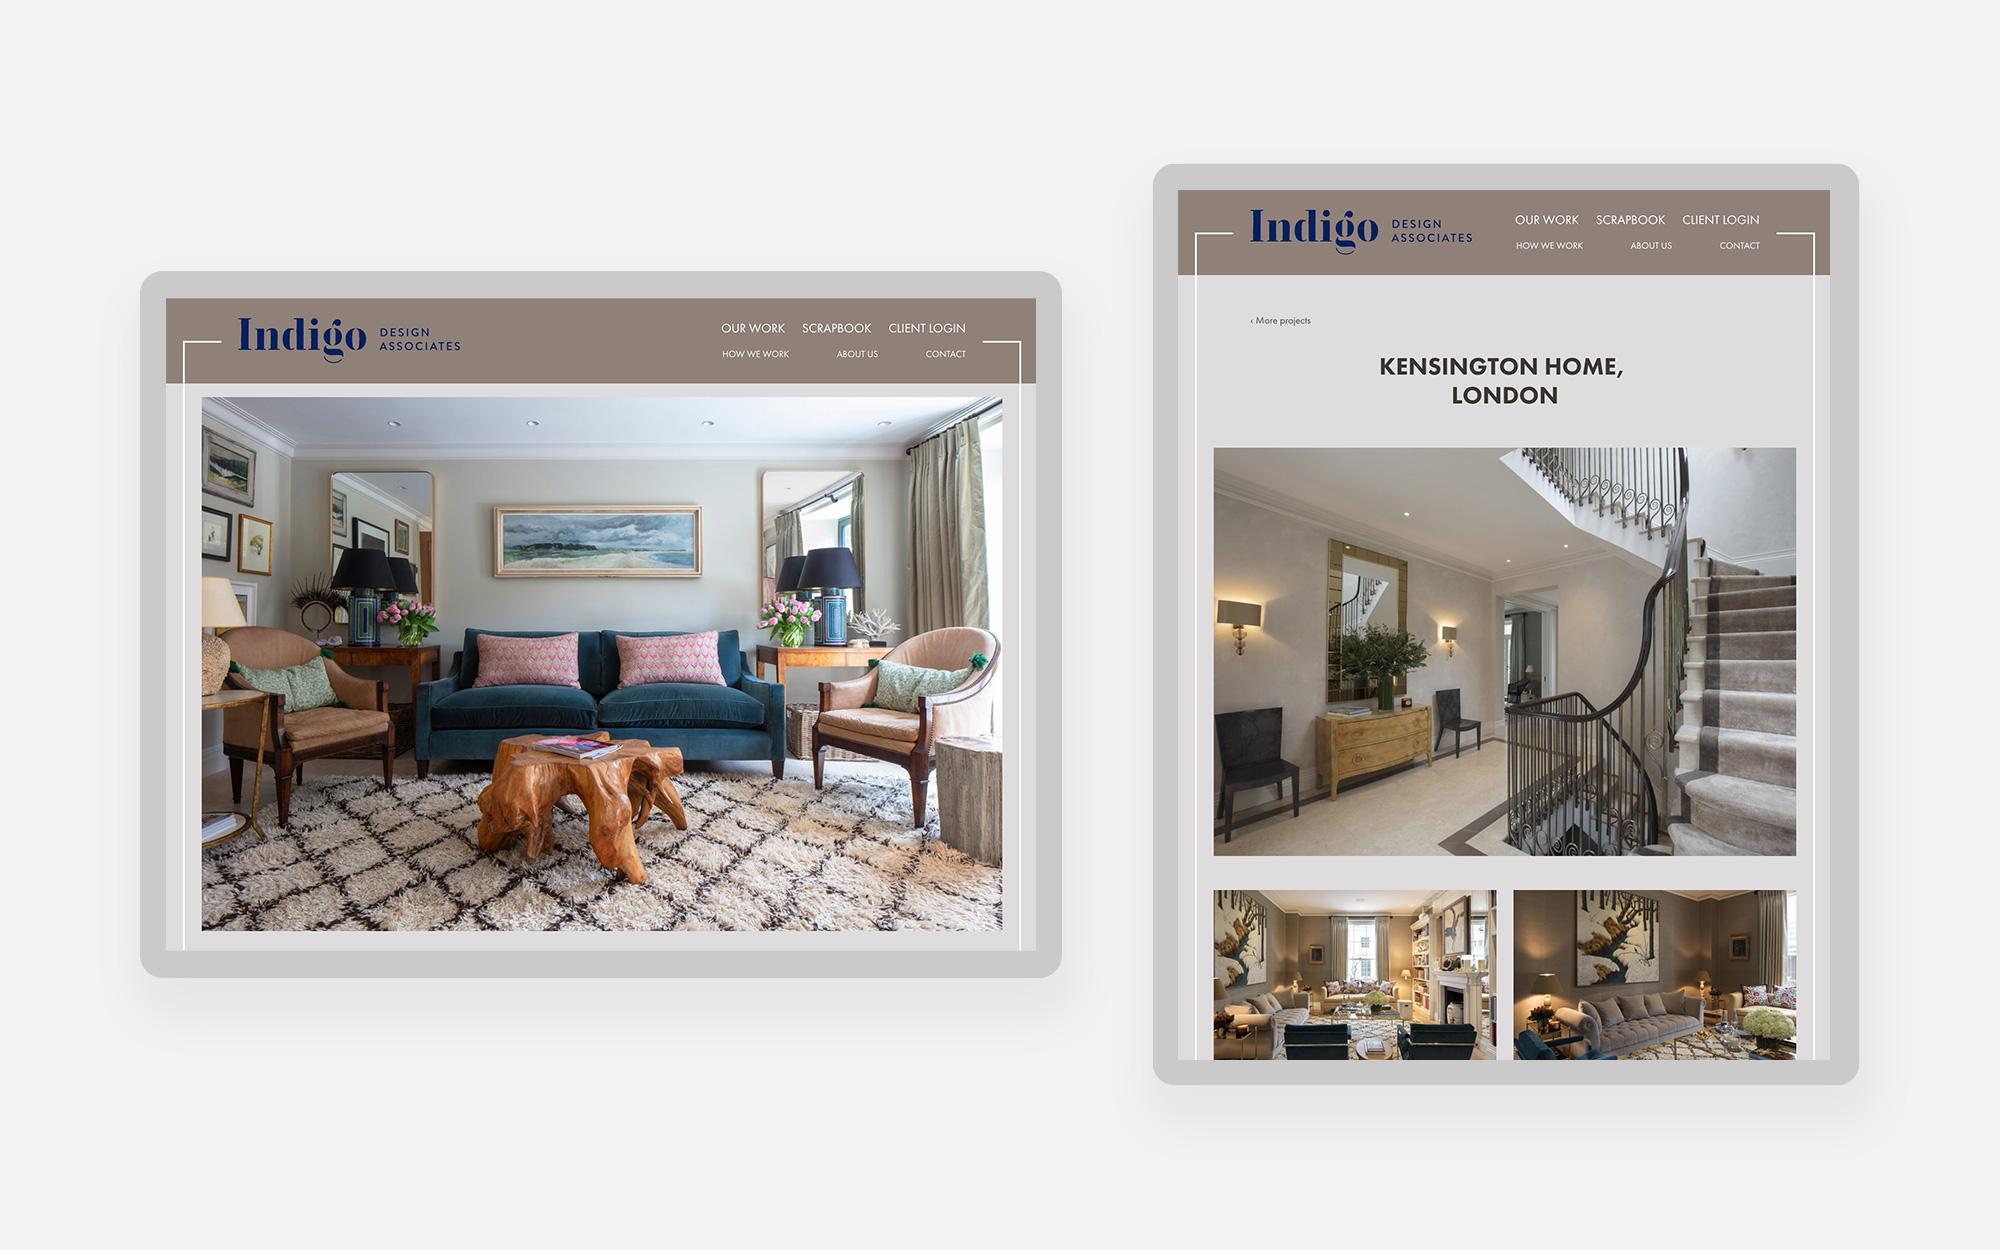 Indigo design associates website design 2